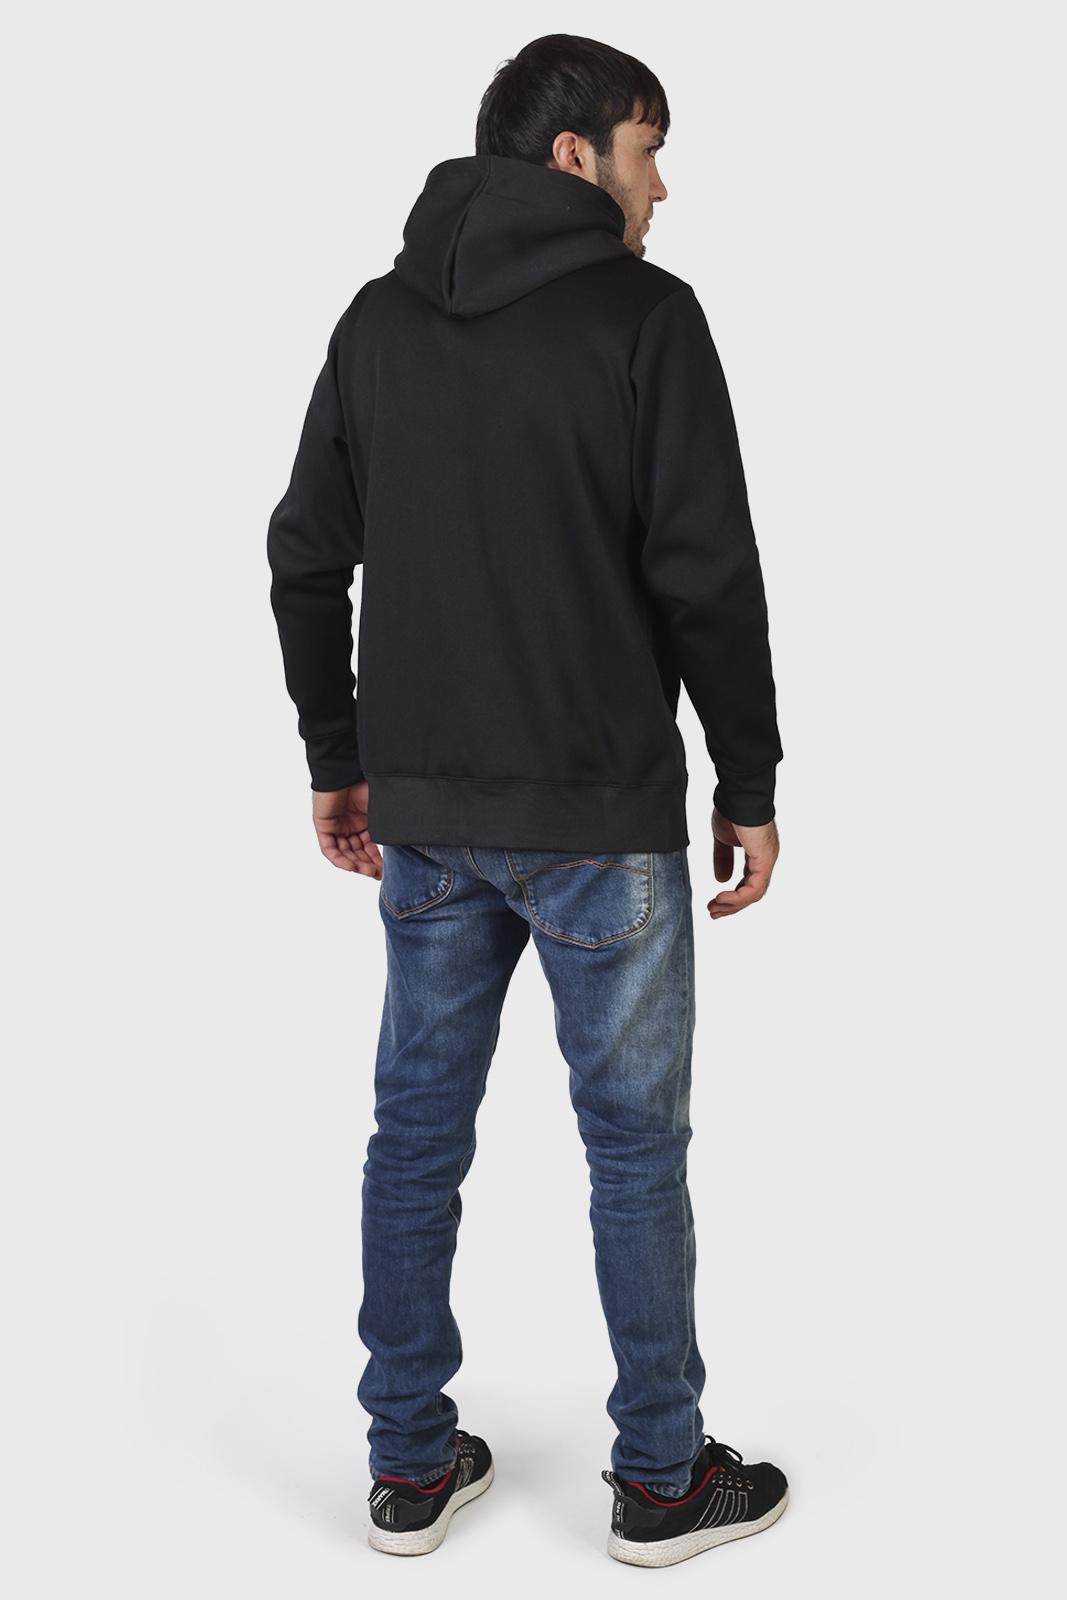 Классическая мужская толстовка с эмблемой Спецназа ГРУ купить по лучшей цене